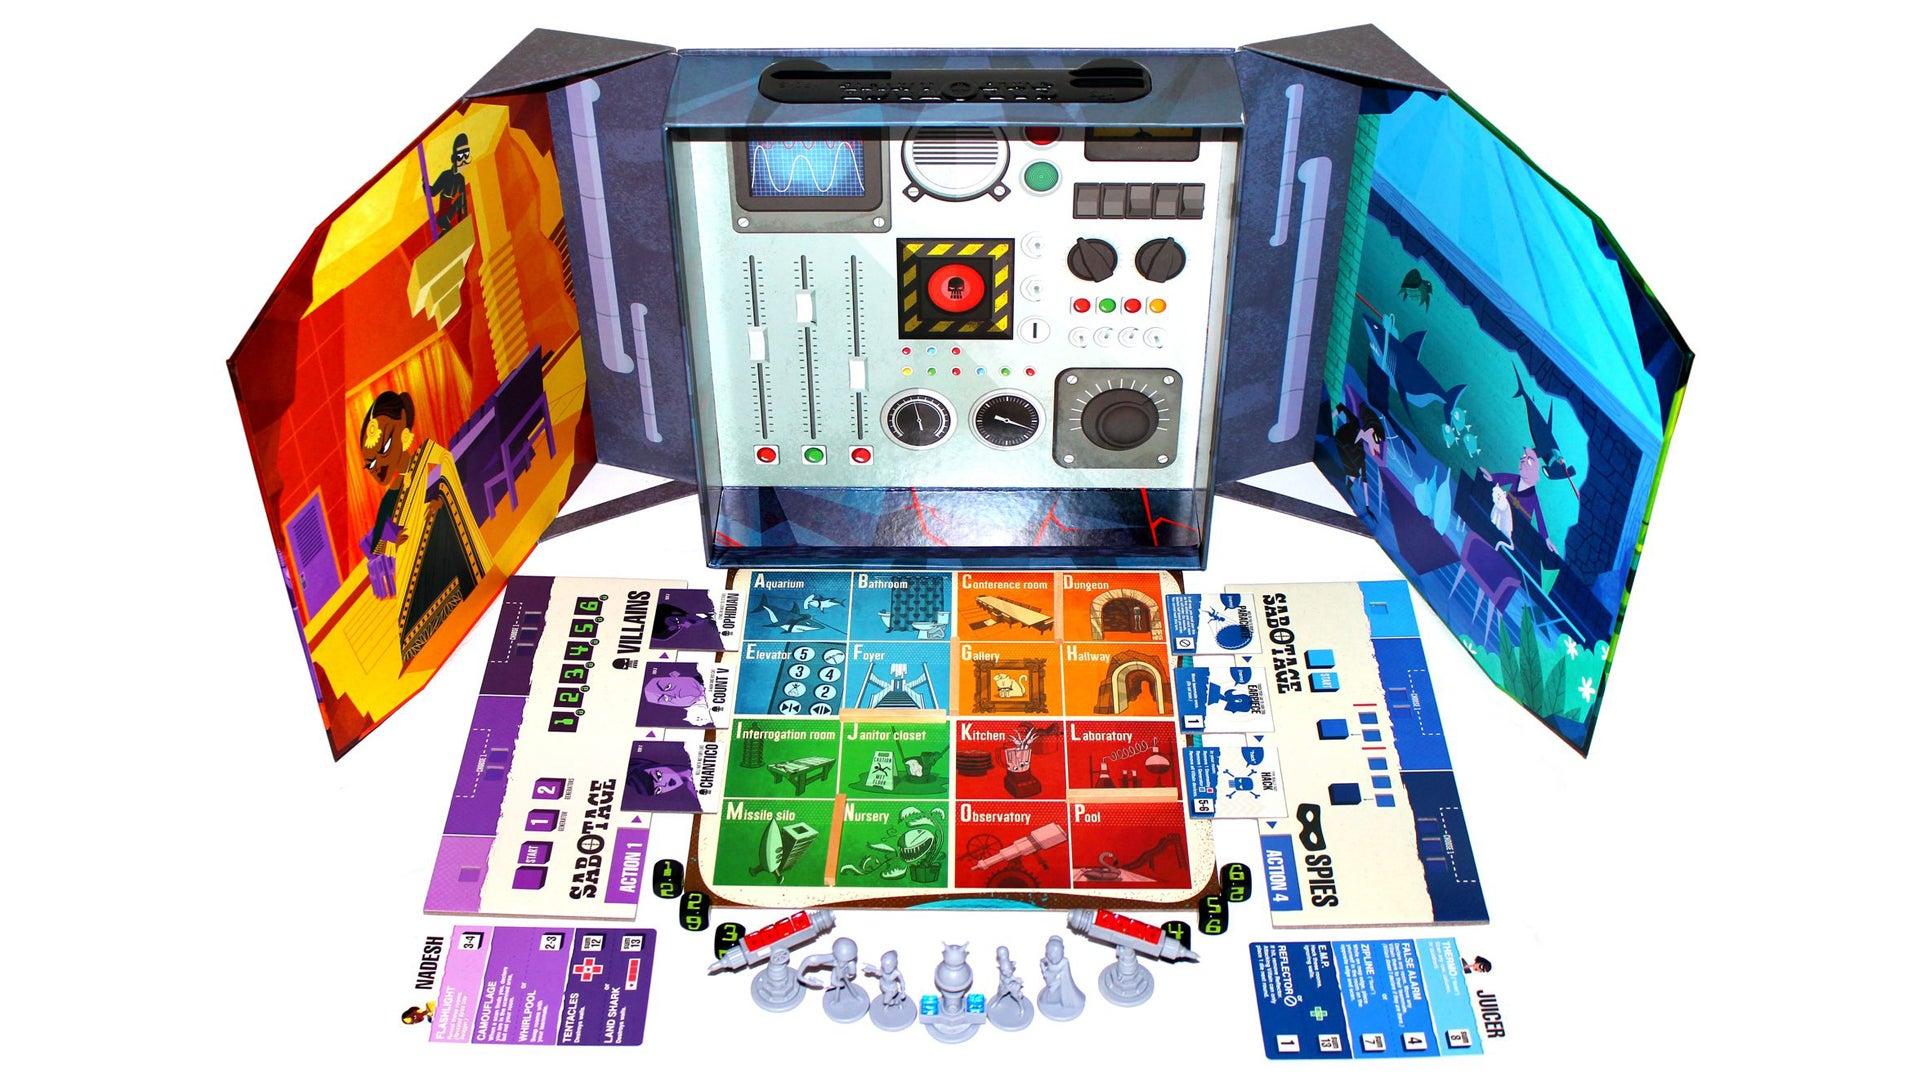 Sabotage board game layout